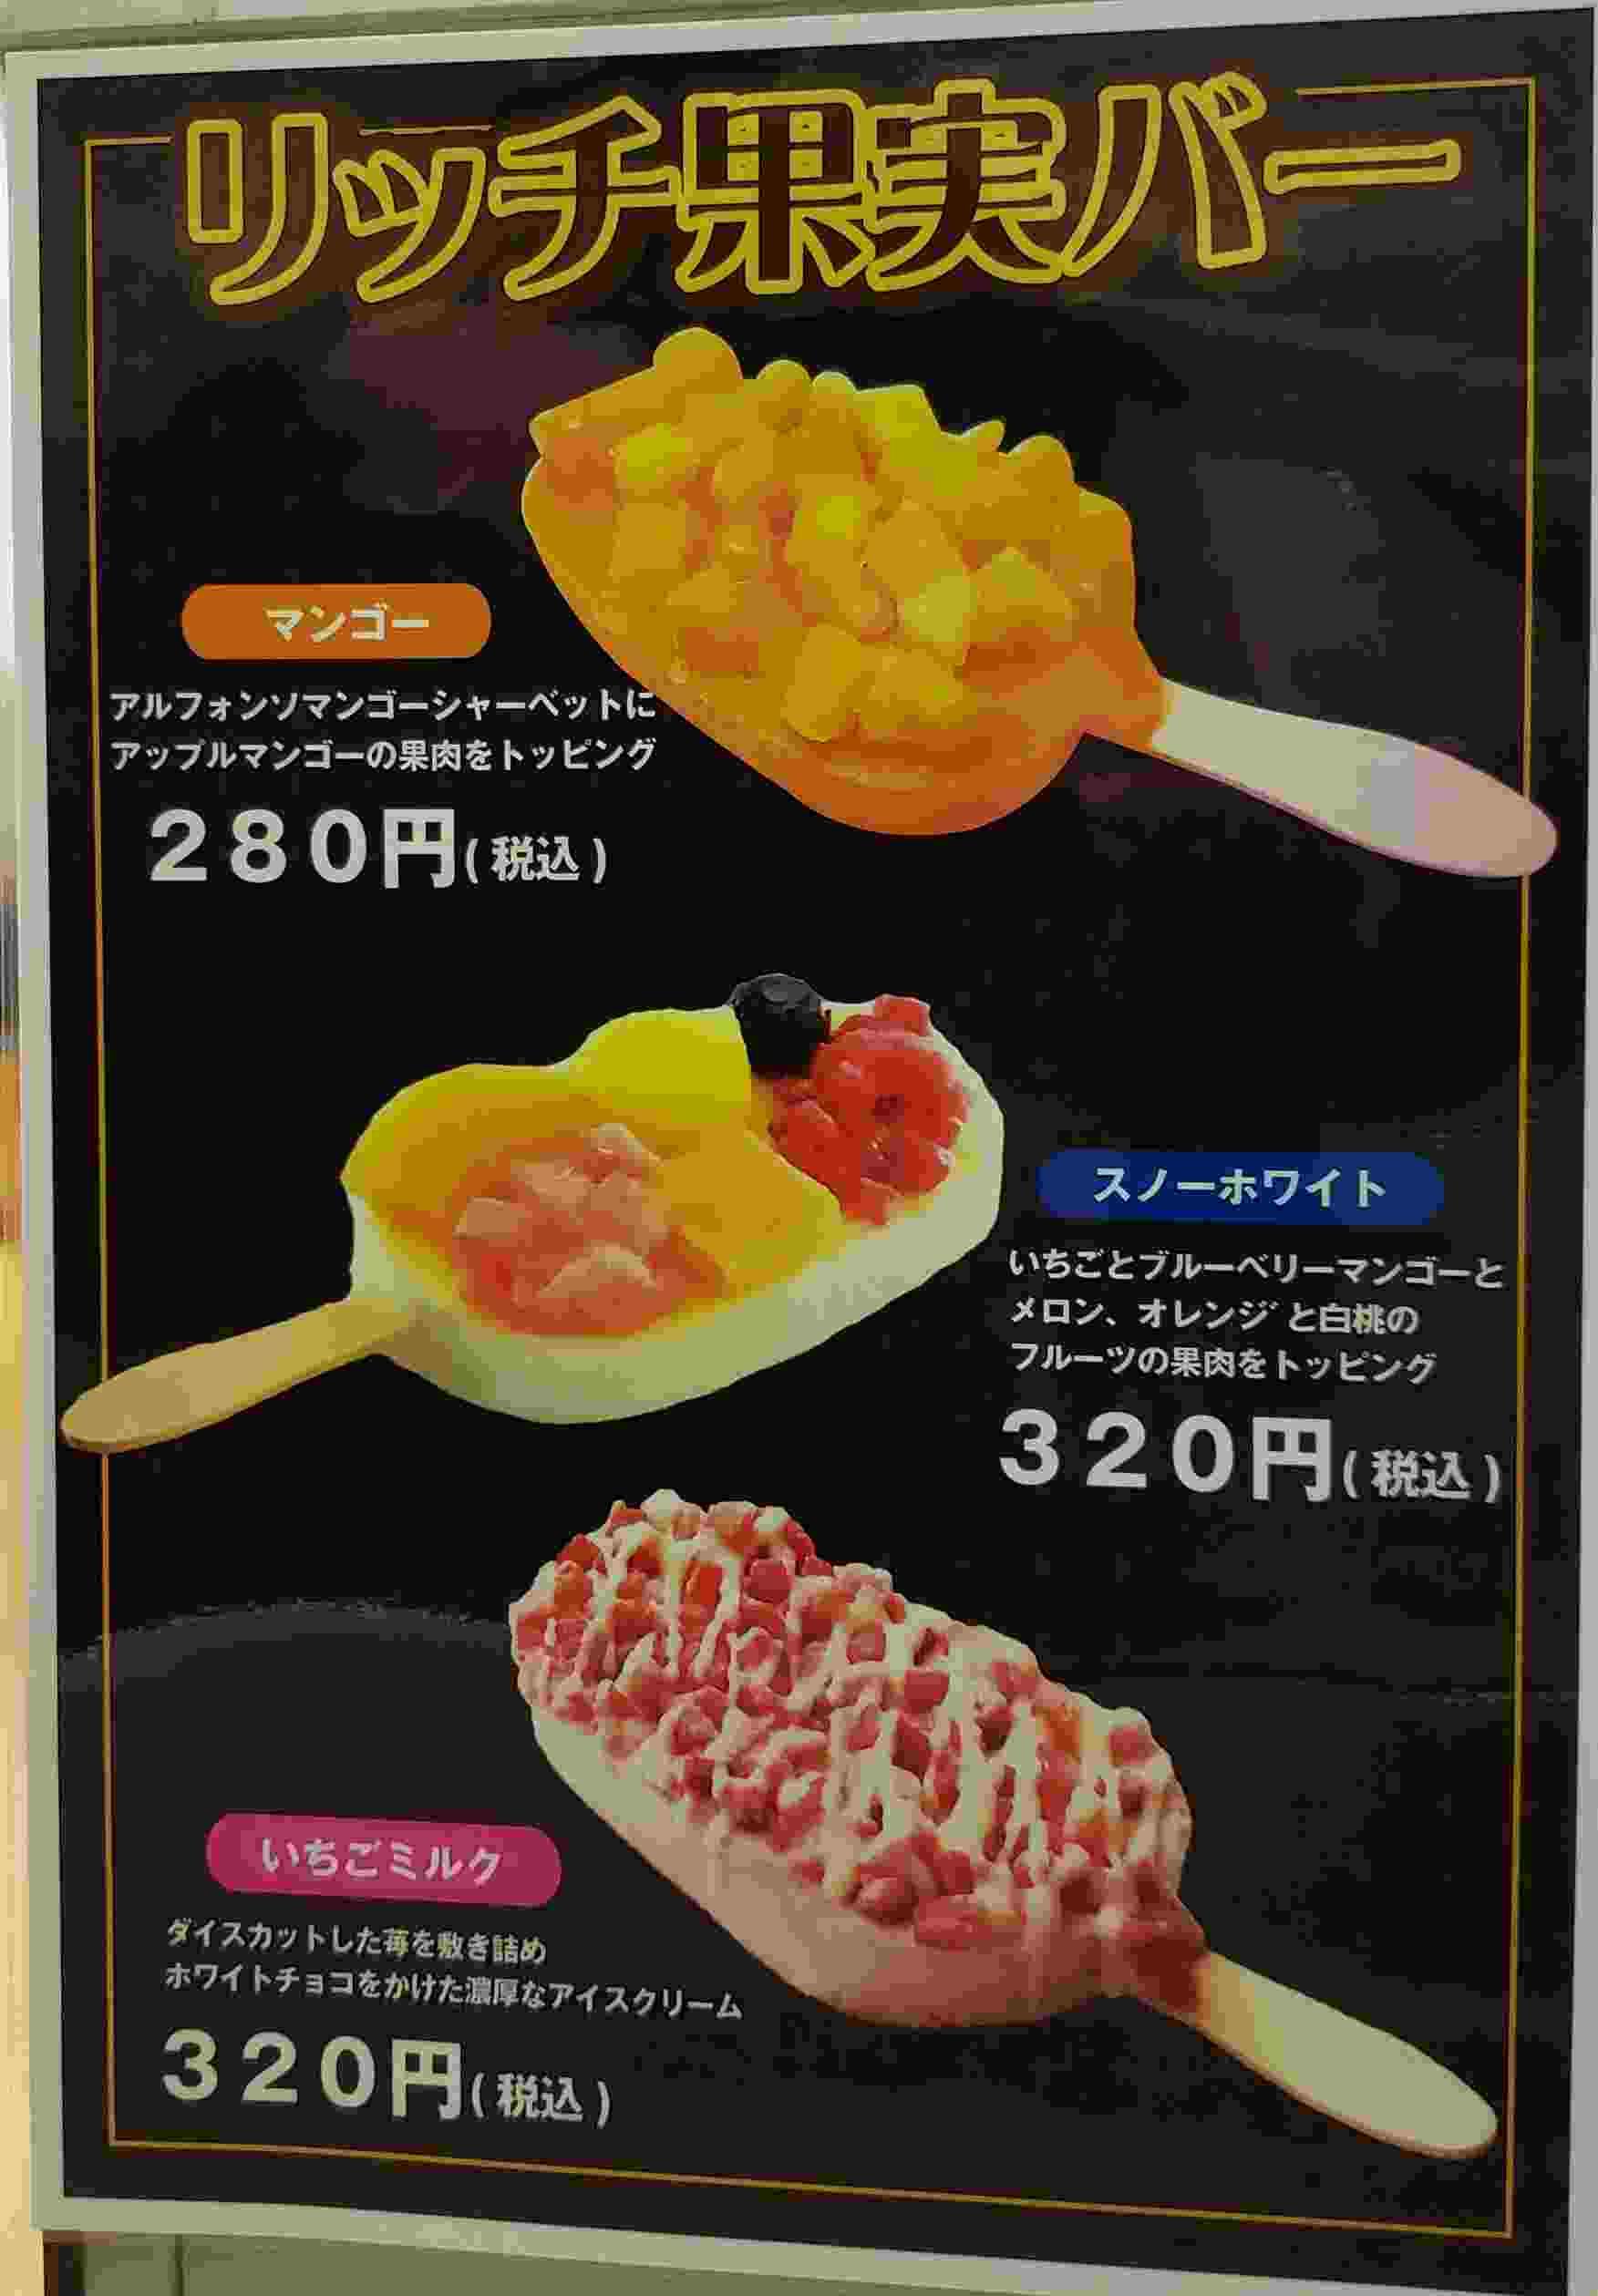 新商品「リッチ果実バー」